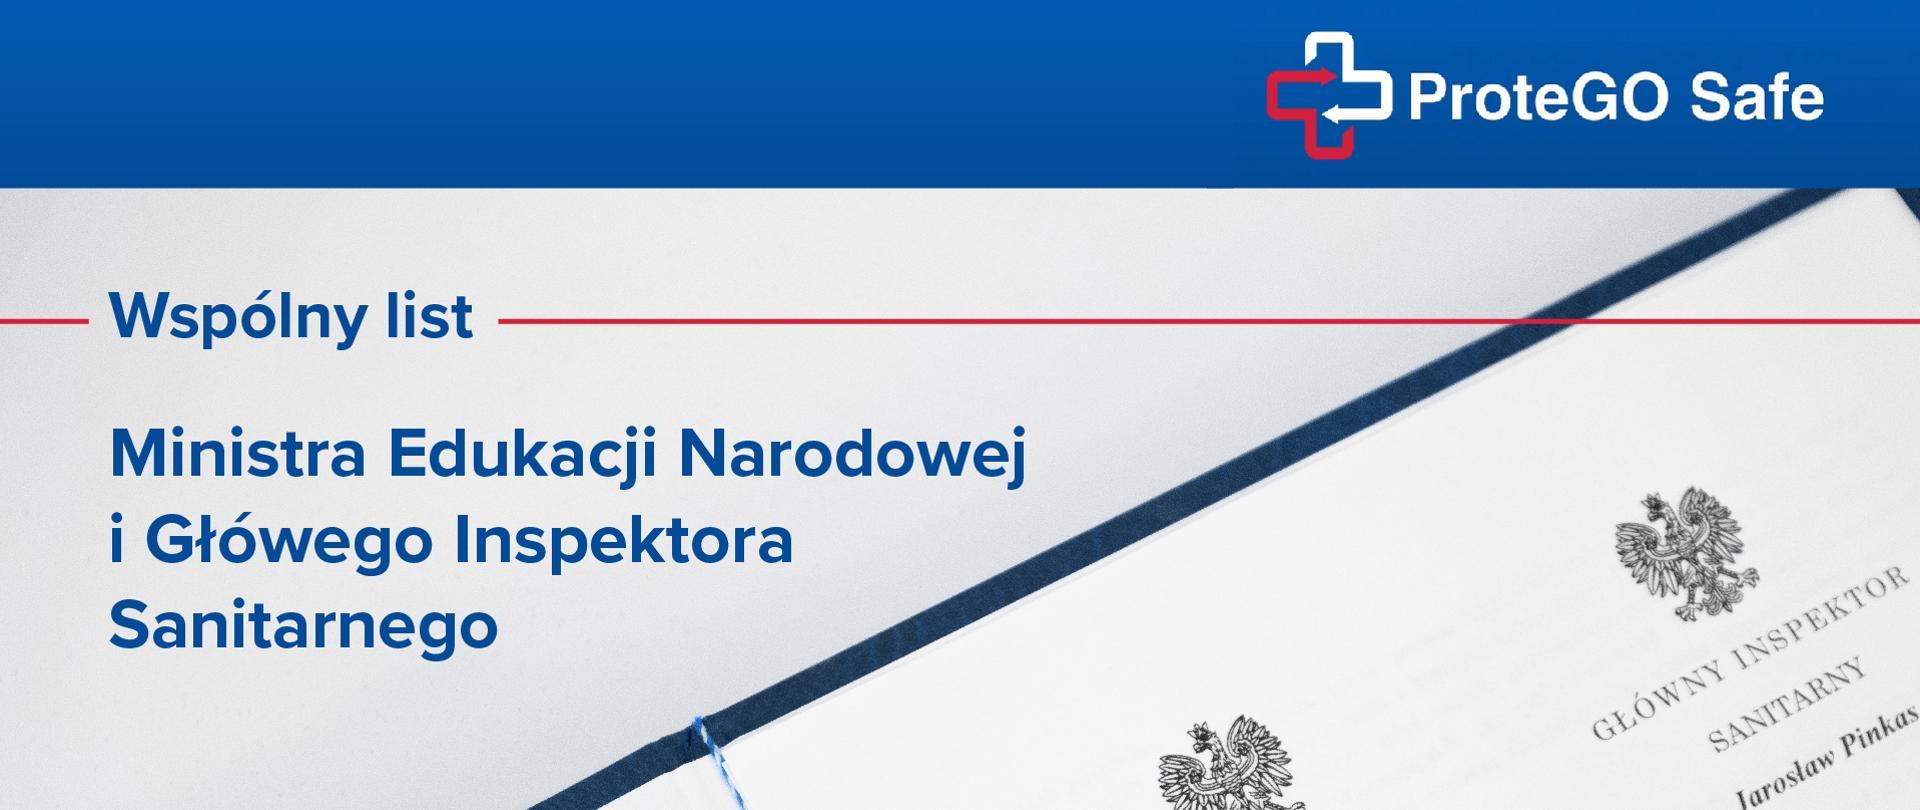 """Grafika z tekstem """"ProteGO Safe. Wspólny list Ministra Edukacji Narodowej i Głównego Inspektora Sanitarnego"""""""